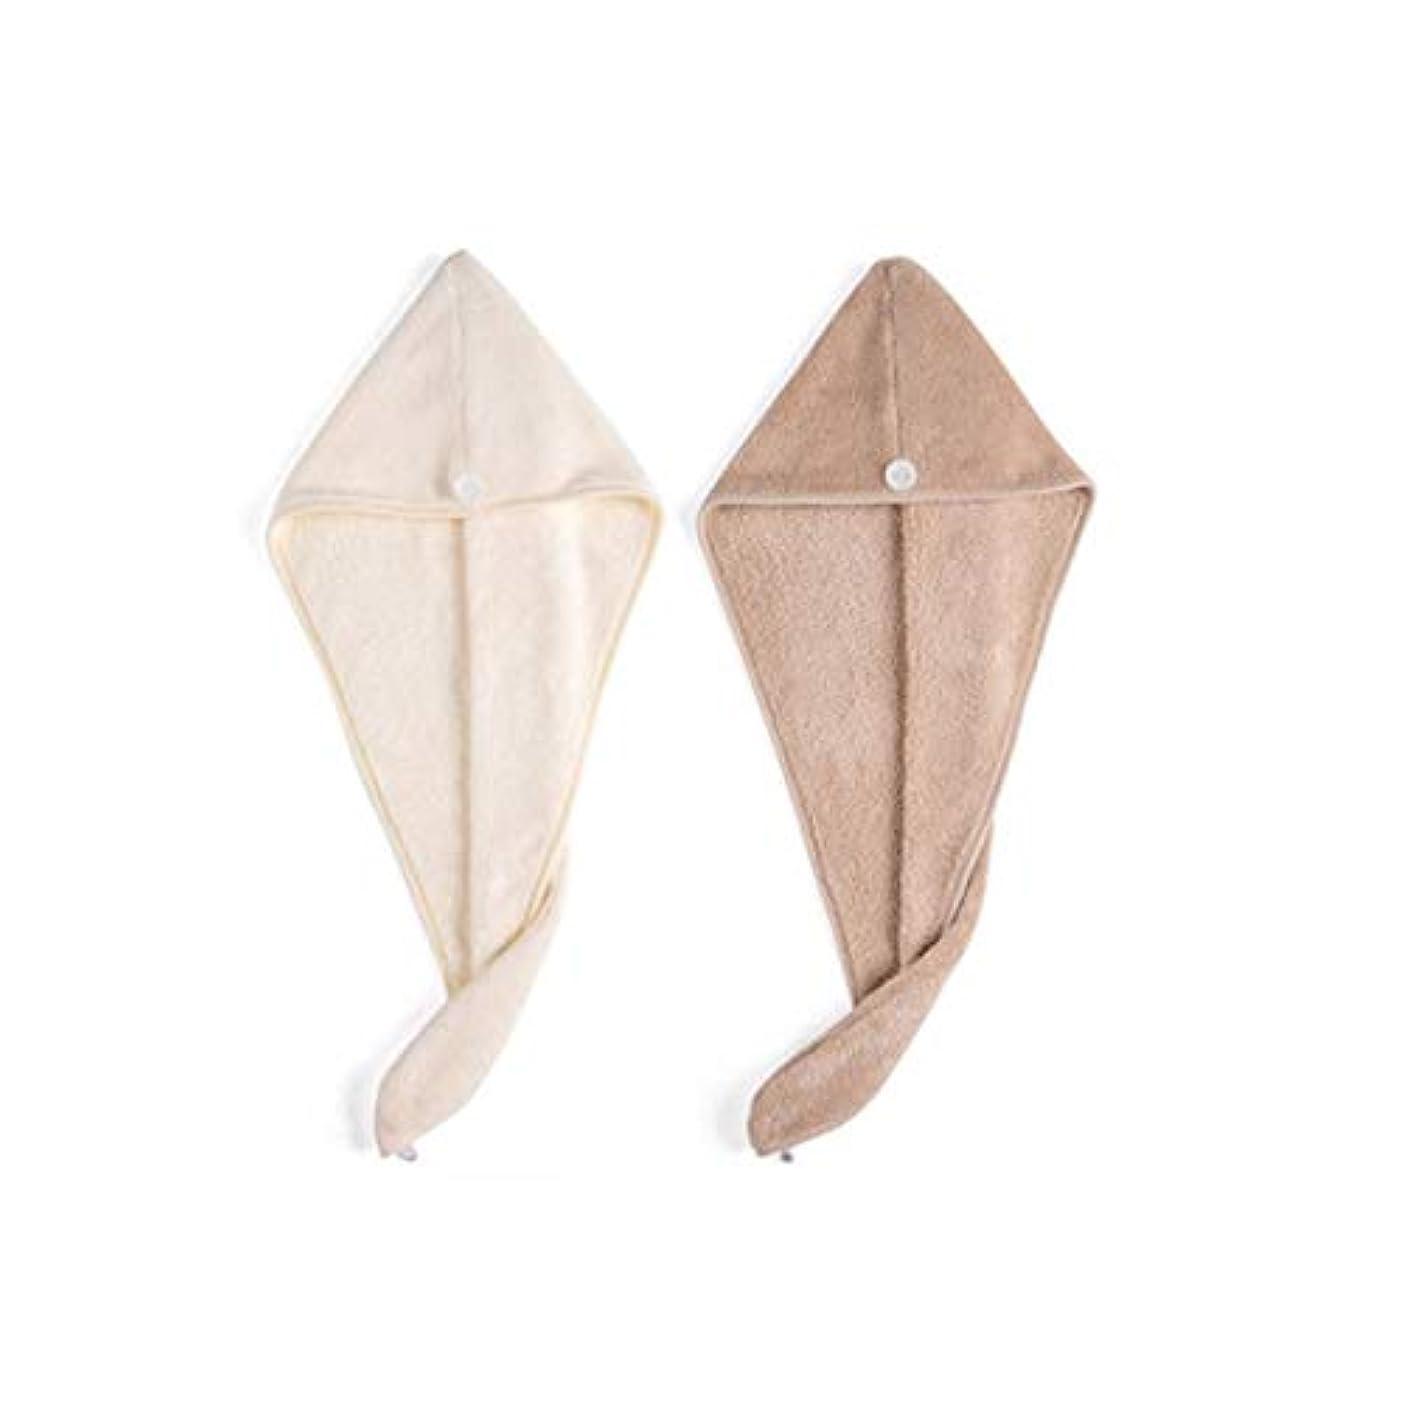 リボンリップ回転するQXFD ファストバッグスカーフかわいいアーティファクト太いシャワーキャップつのロード拭いて乾いた髪の帽子シャンプー女性高吸水性速乾性タオル (Color : A)